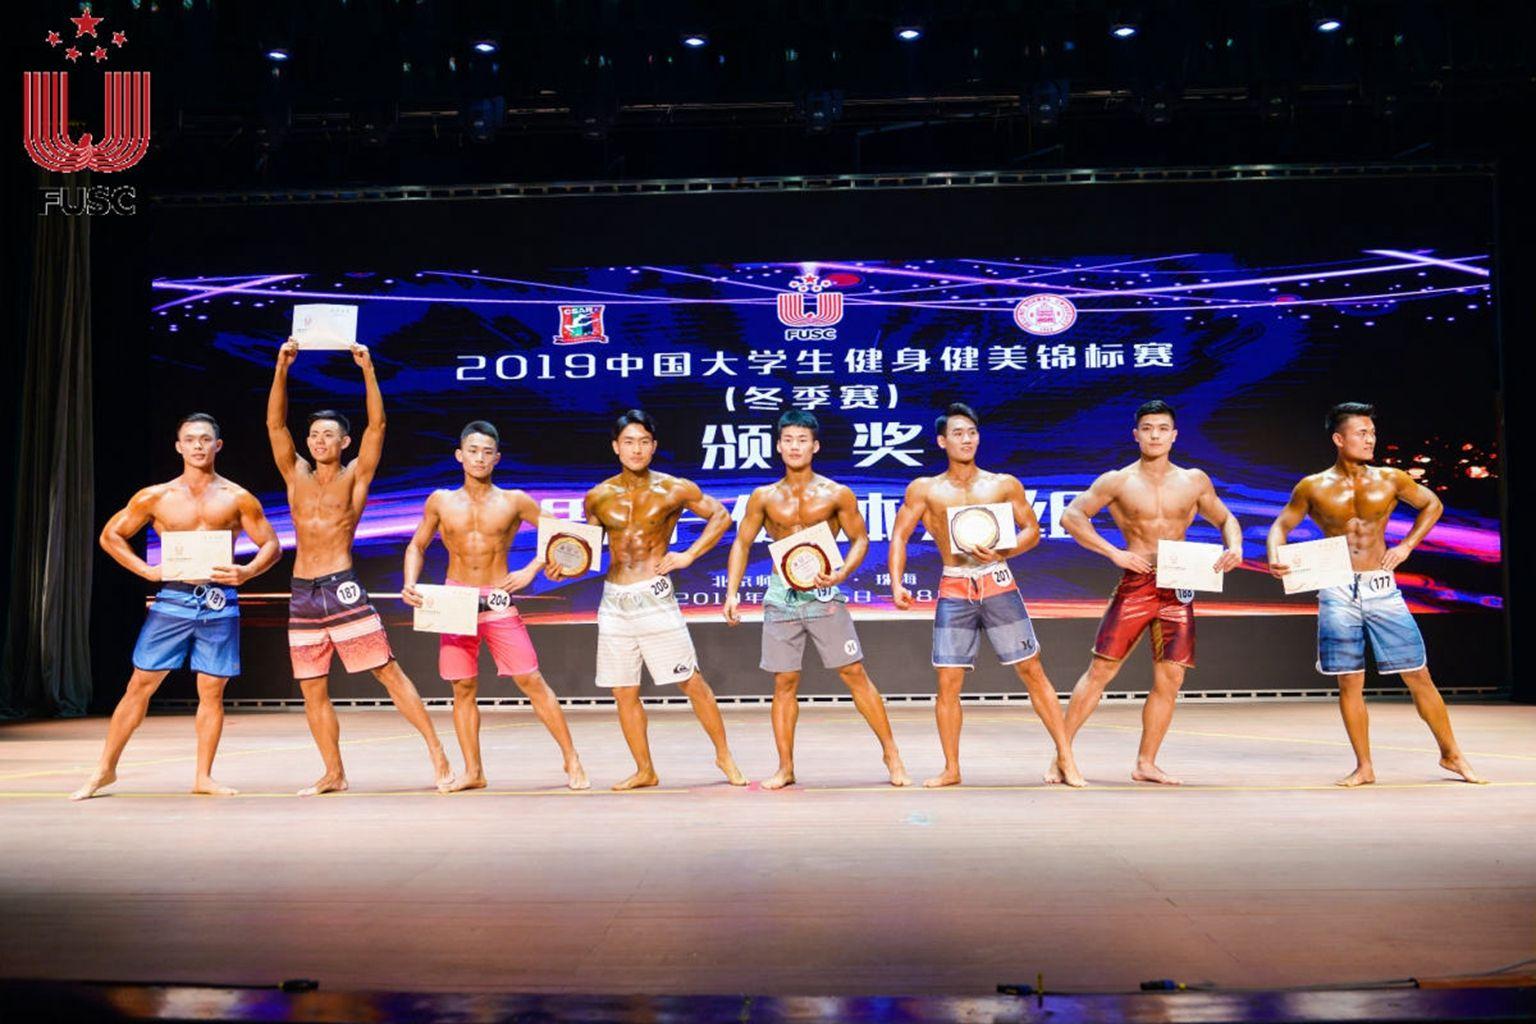 2019中国大学生健身健美锦标赛(冬季赛)在珠海闭幕